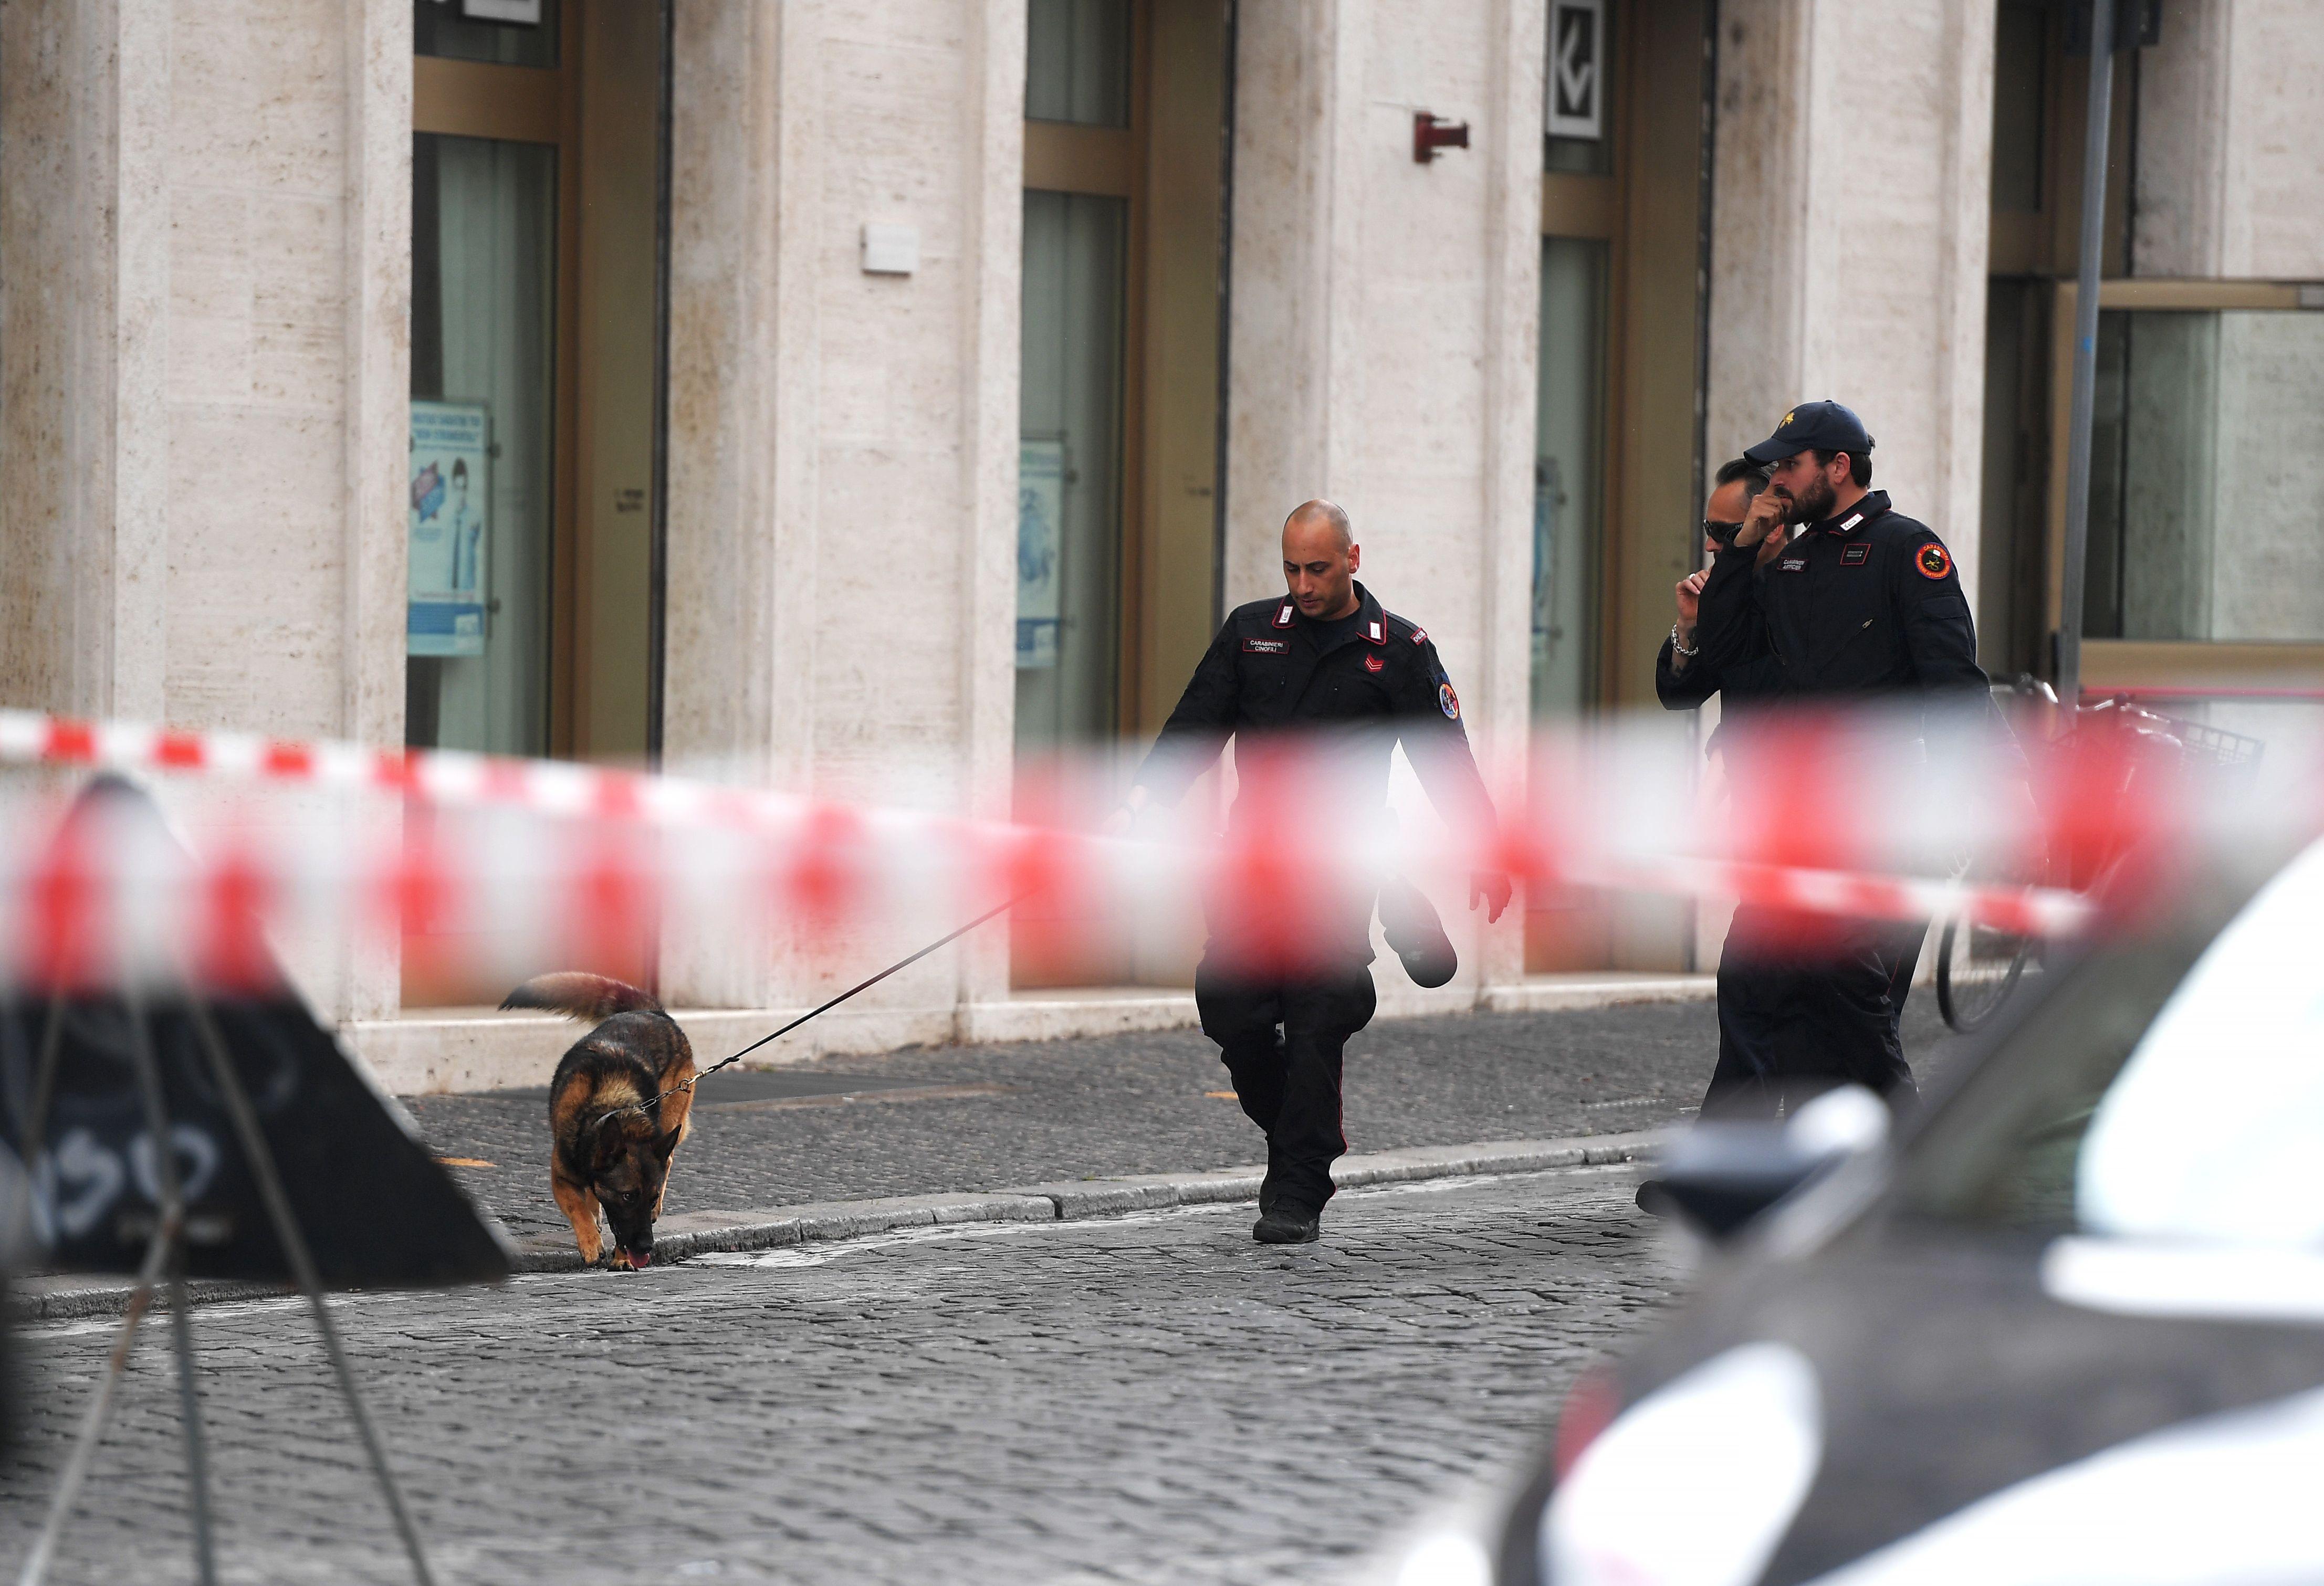 1138233-صور-انذار-قرب-الفاتيكان-بسبب-العثور-على-قنبلة-(7)